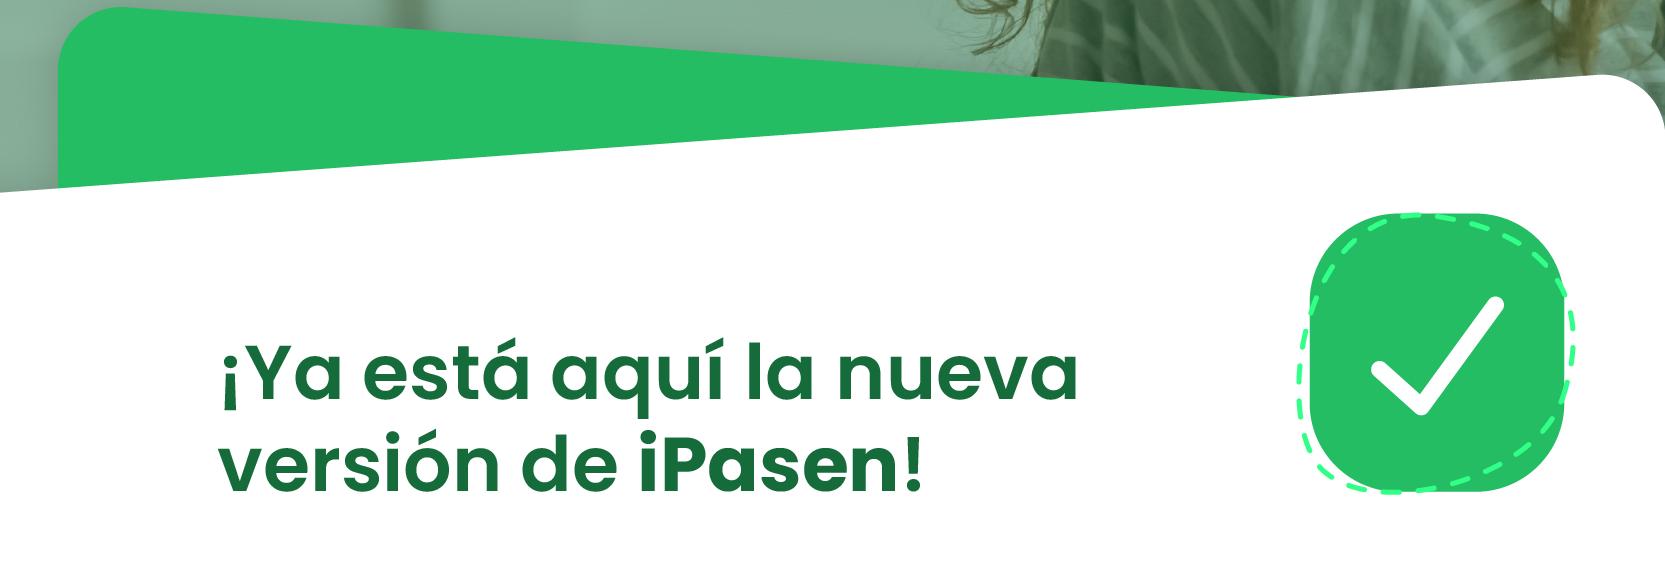 Imagen de la noticia: Nueva versión de iPASEN [Actualizado]